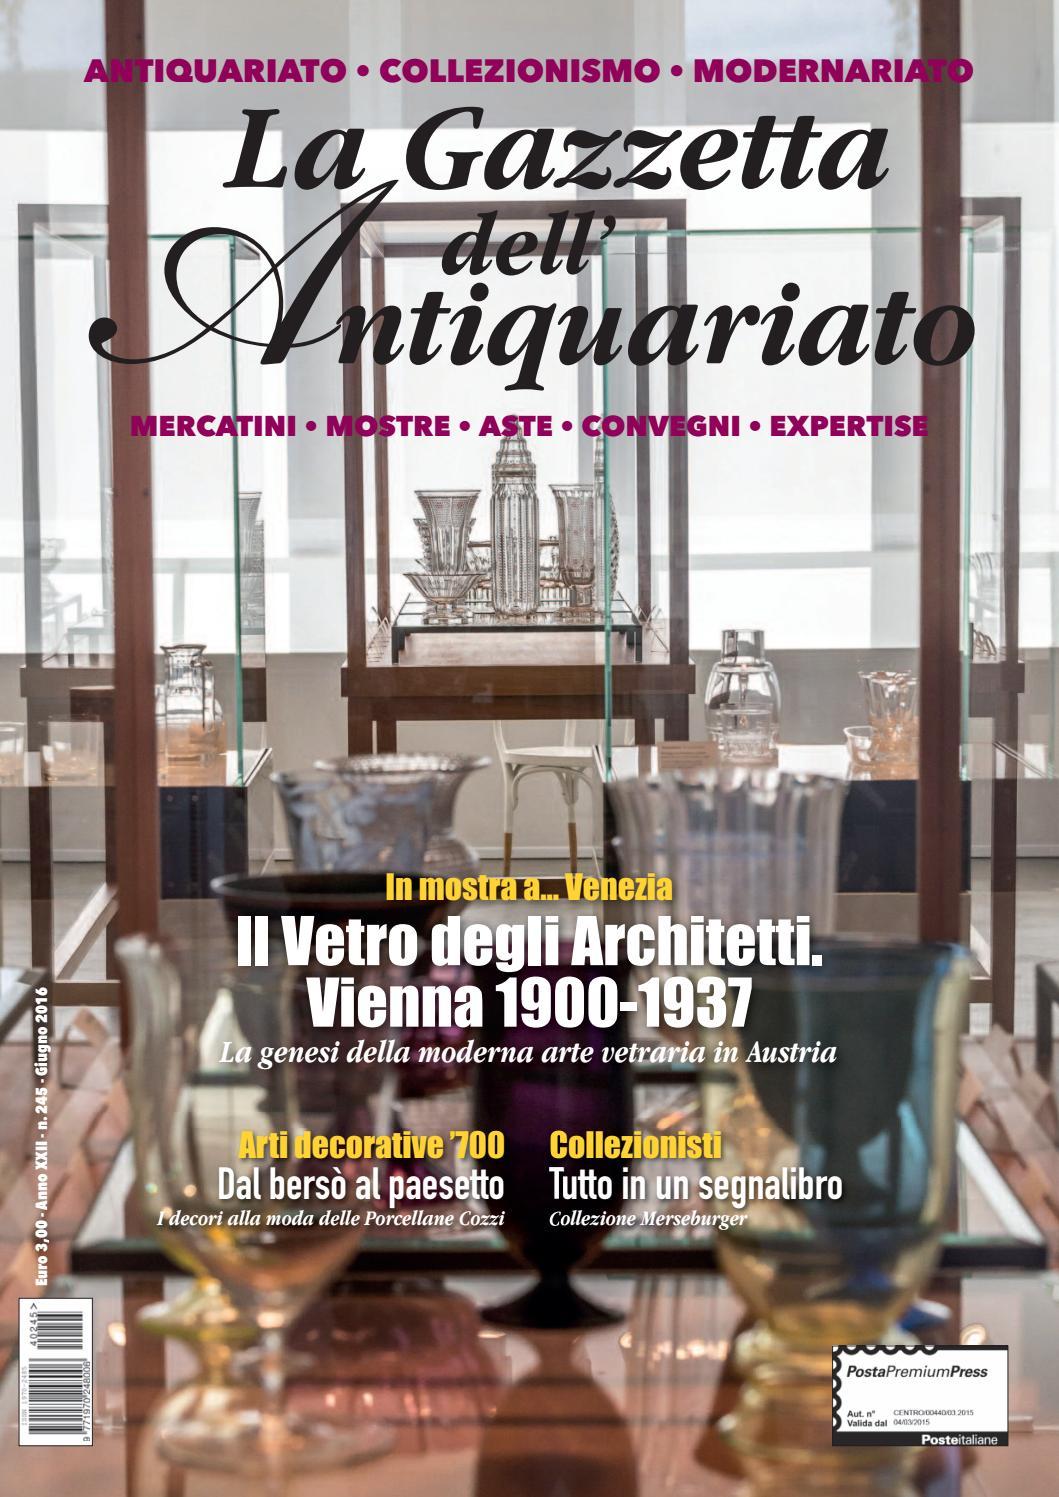 La Gazzetta dell Antiquariato n. 245 - Giugno 2016 by La Gazzetta  dell Antiquariato - issuu fe108fc62ae